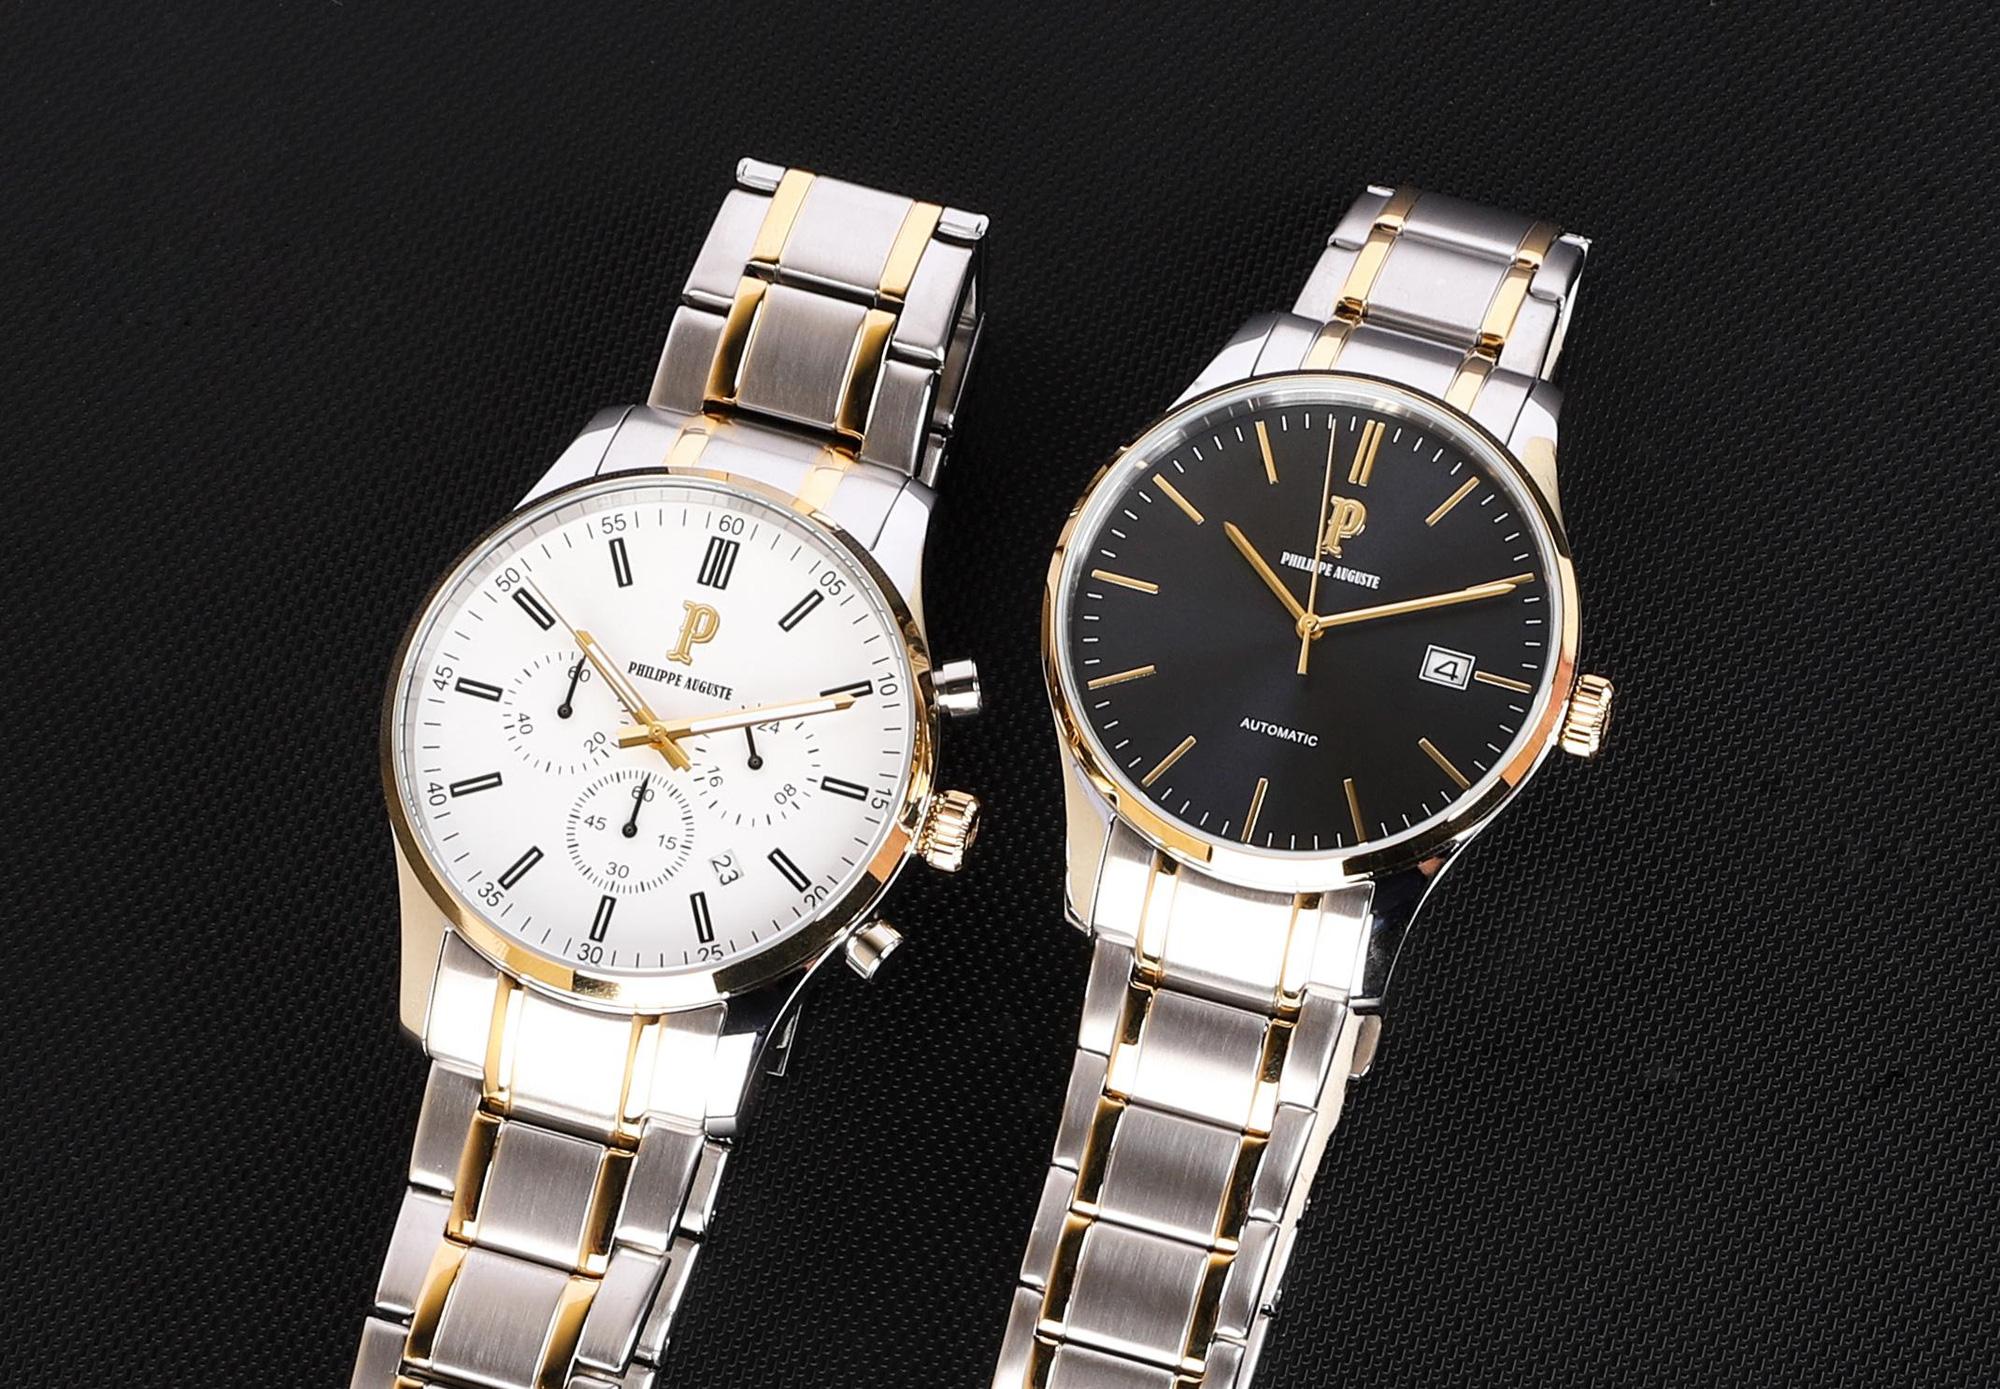 Mua đồng hồ Citizen ở đâu giá rẻ? Đăng Quang Watch còn rẻ hơn với ưu đãi lên đến 40% - Ảnh 3.